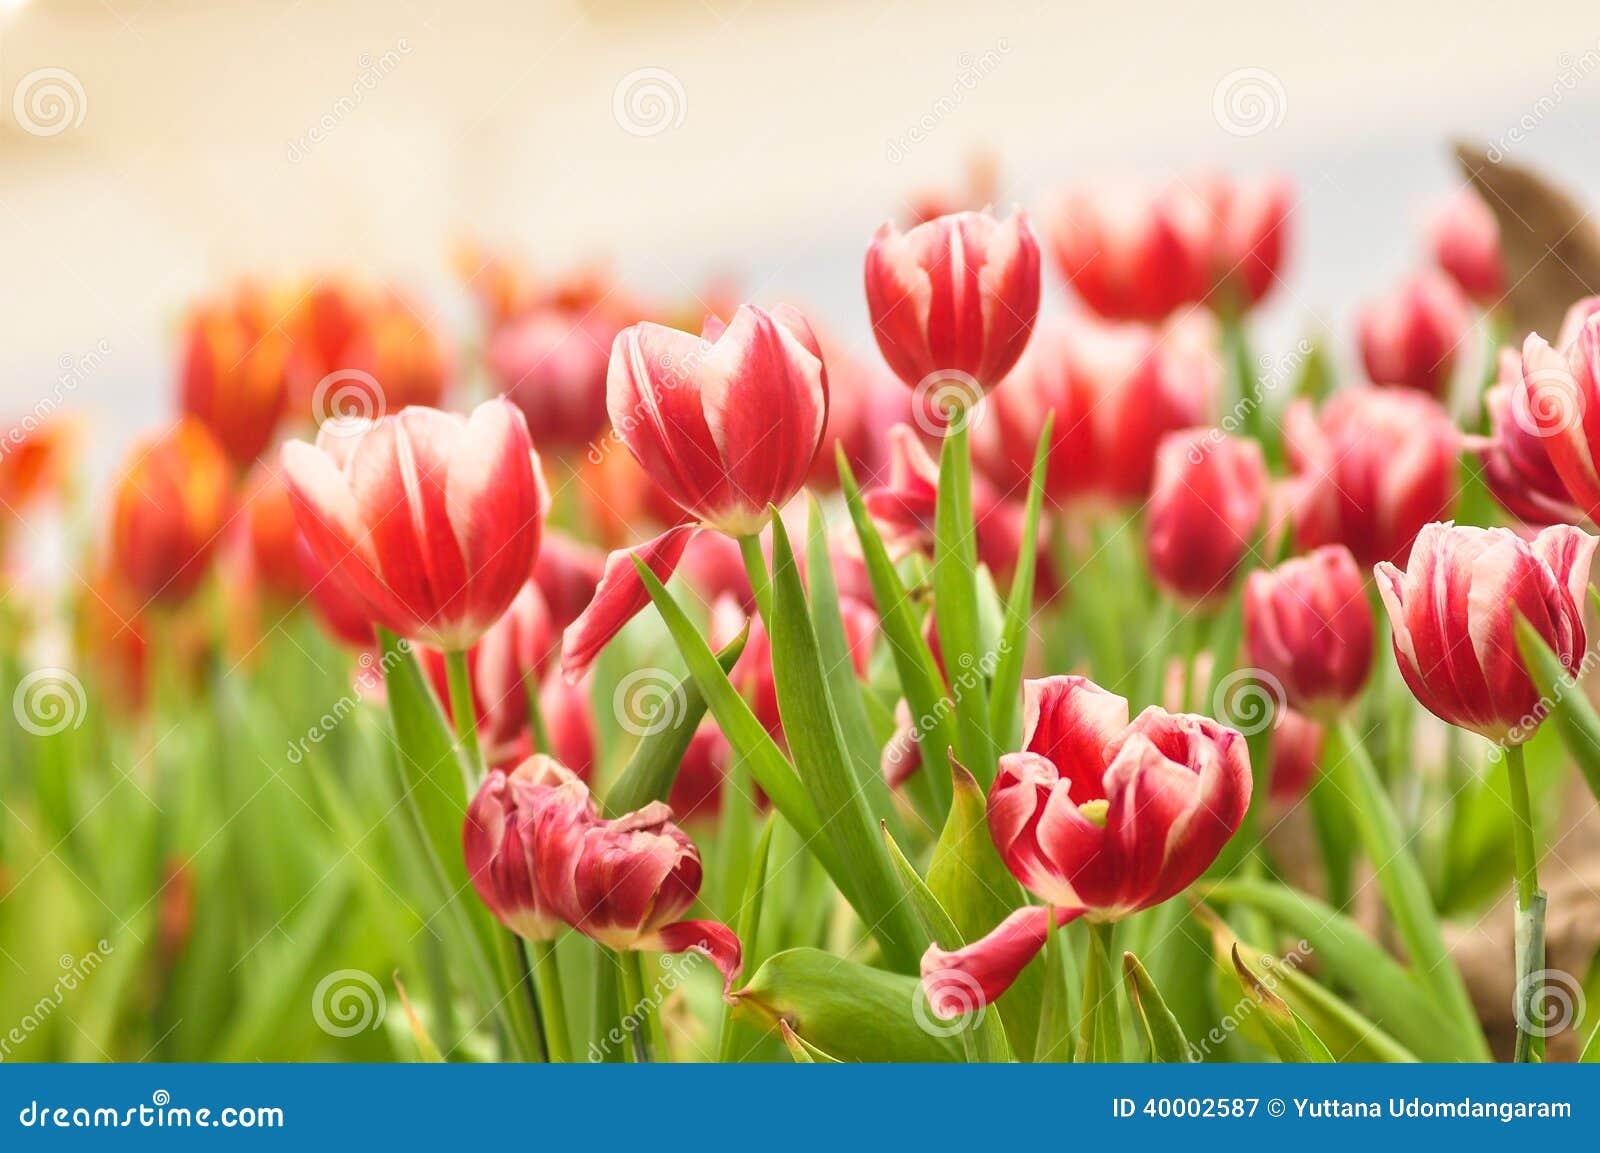 Lampada Fiore Tulipano : Fiore del tulipano immagine stock. immagine di rosso 40002587